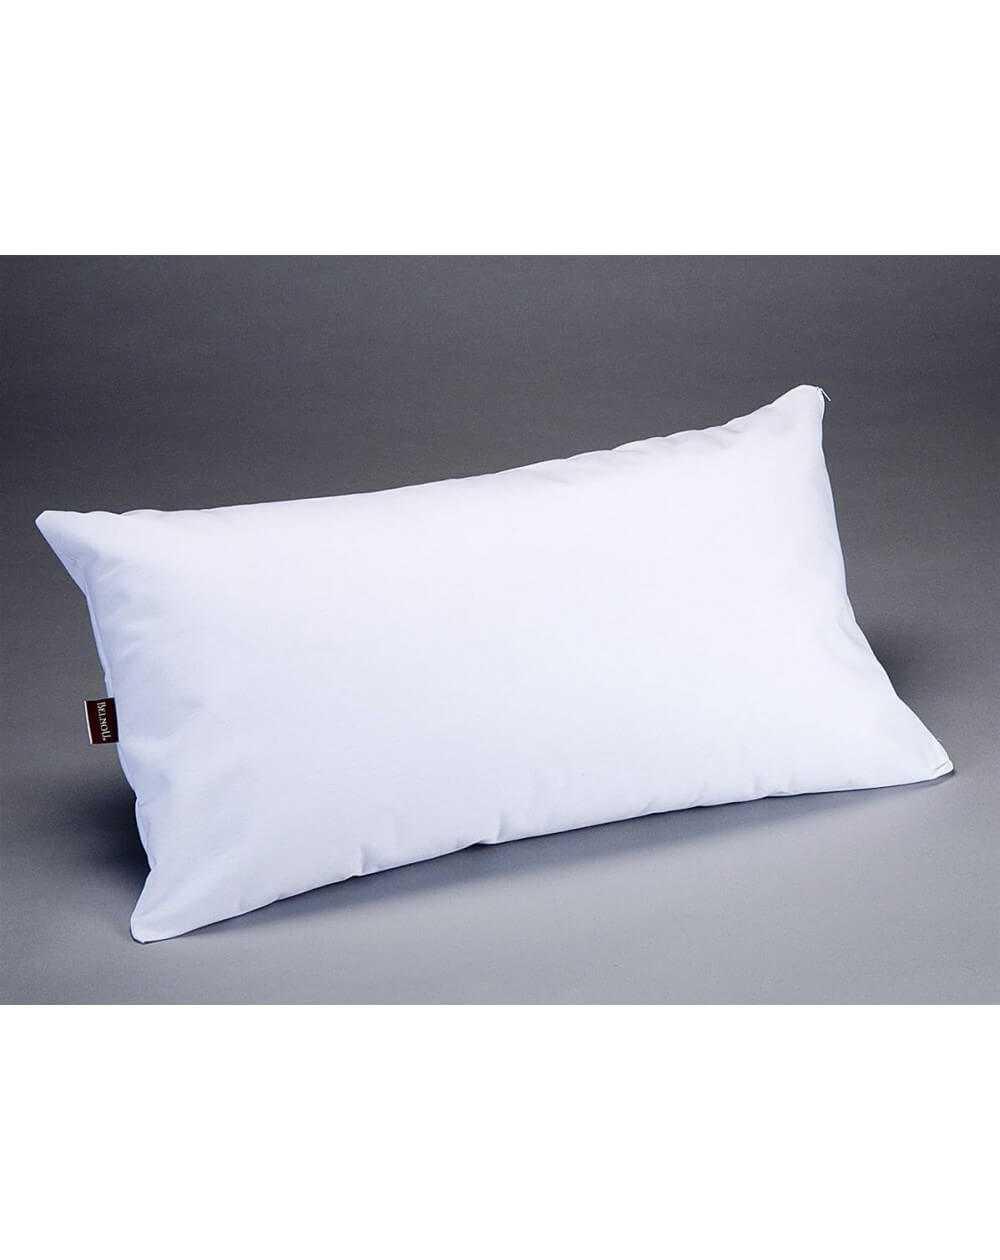 Funda de almohada RESPIRA de Belnou